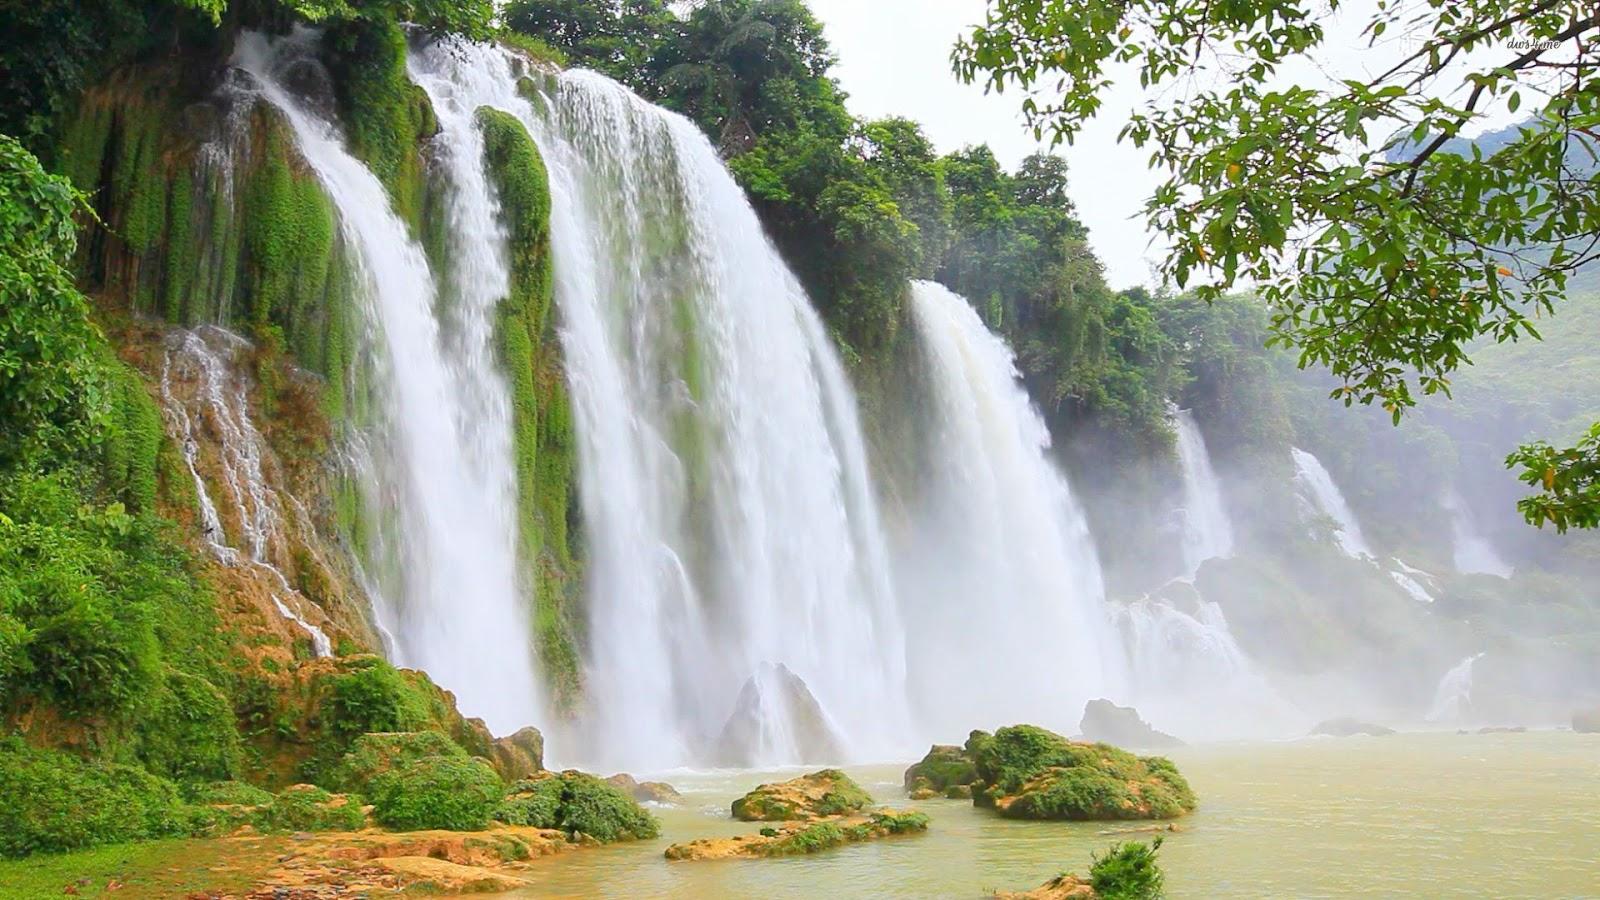 http://4.bp.blogspot.com/-ZwxpAdhea_w/UJVKTJrcO_I/AAAAAAAAPkM/-BkgWm66uec/s1600/6714-waterfall-1920x1080-nature-wallpaper.jpg